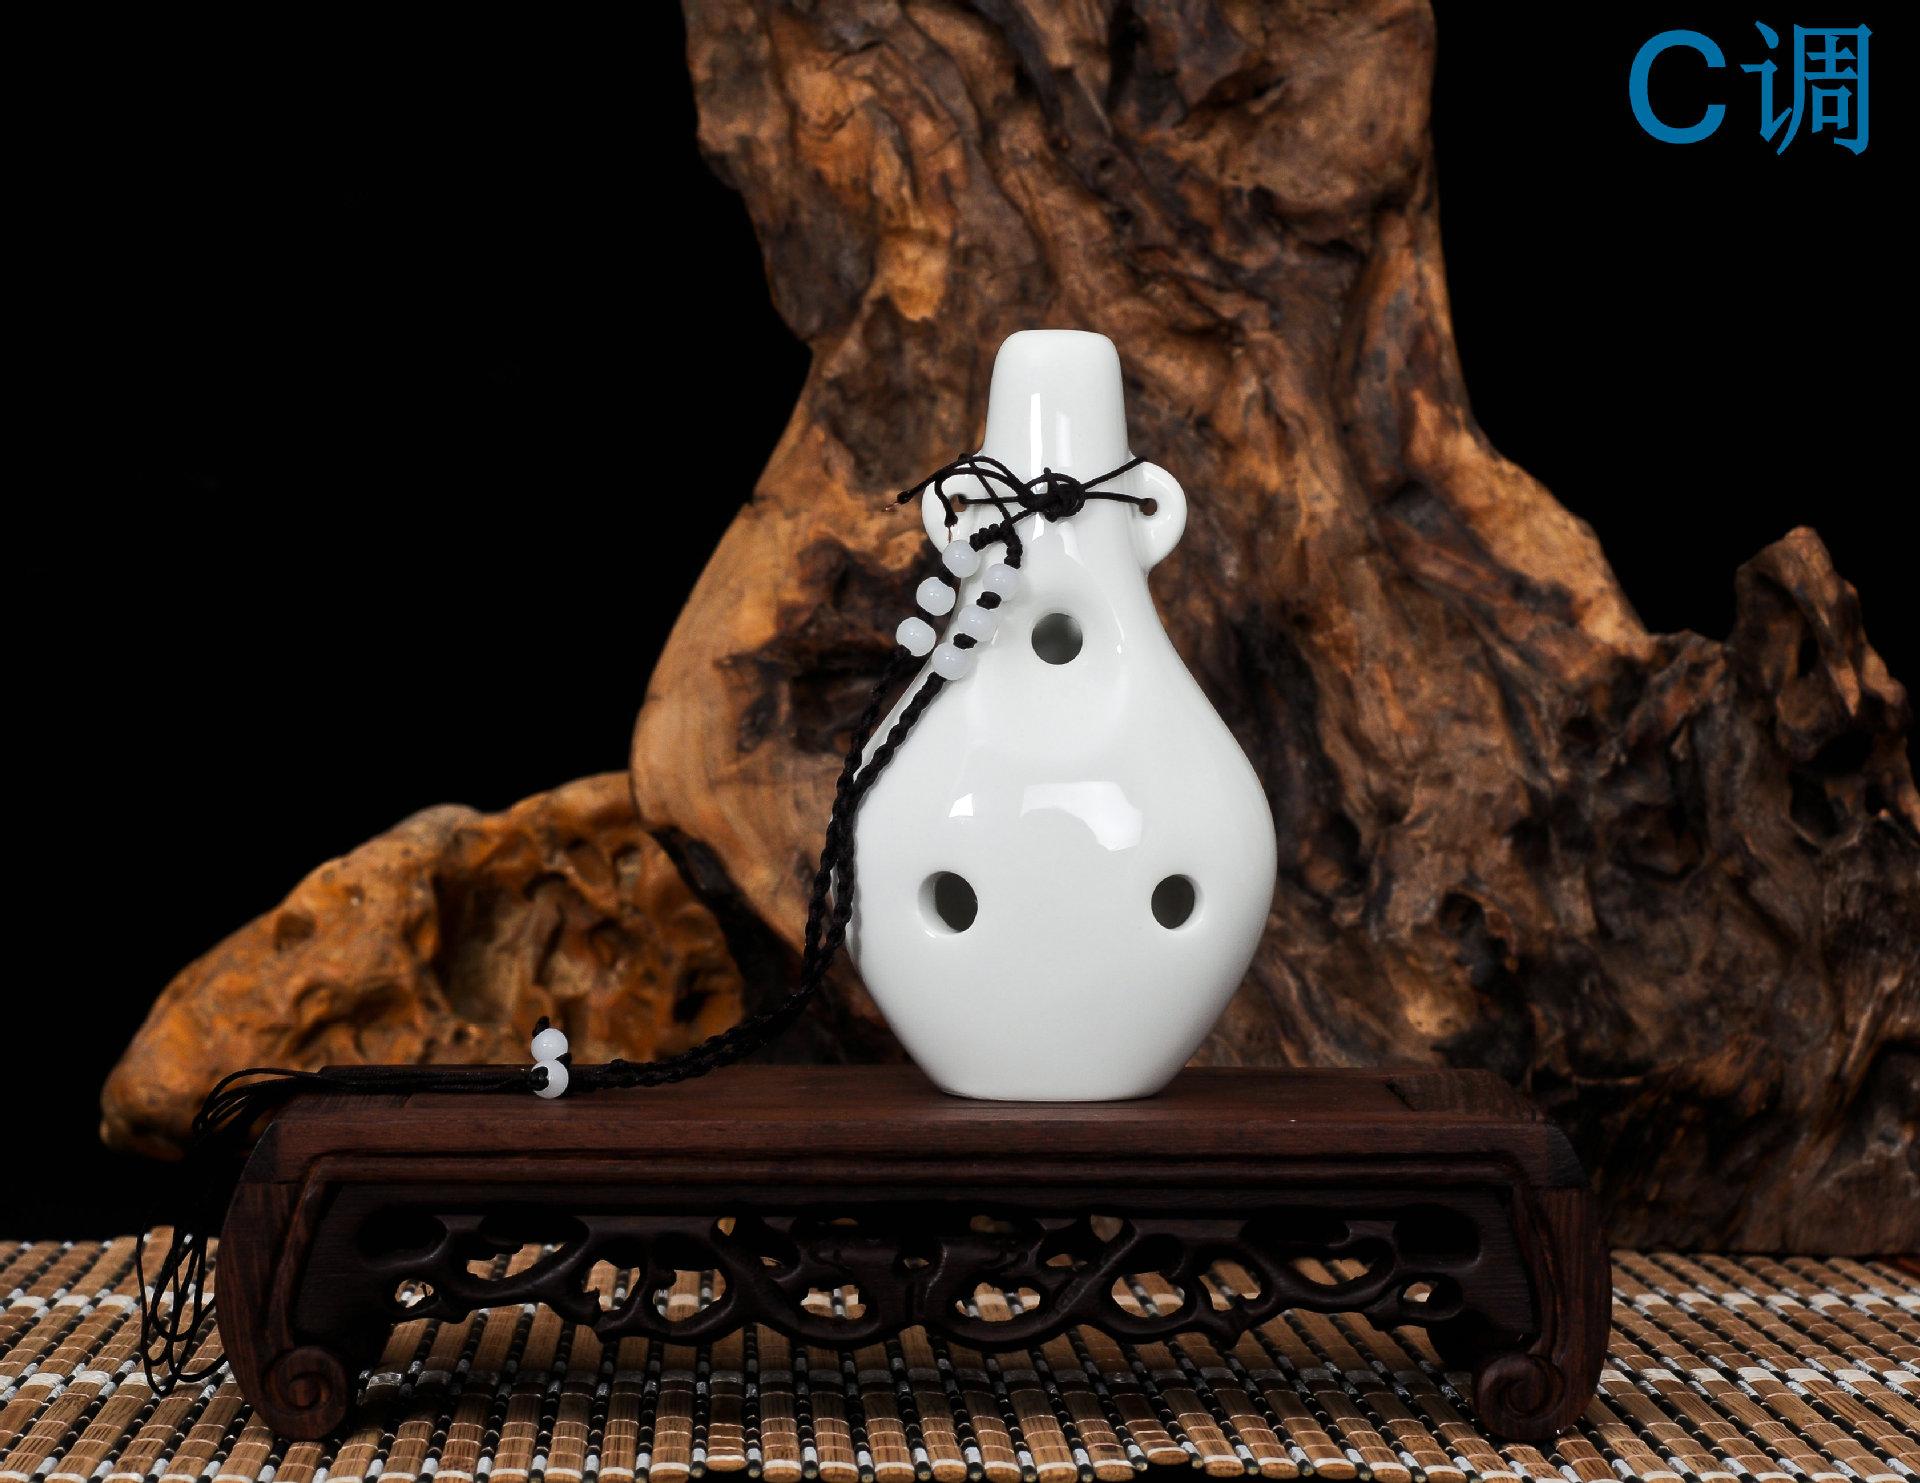 六孔陶笛 六孔陶笛 陶瓷名族 c孔陶瓷 送曲谱 阿里巴巴